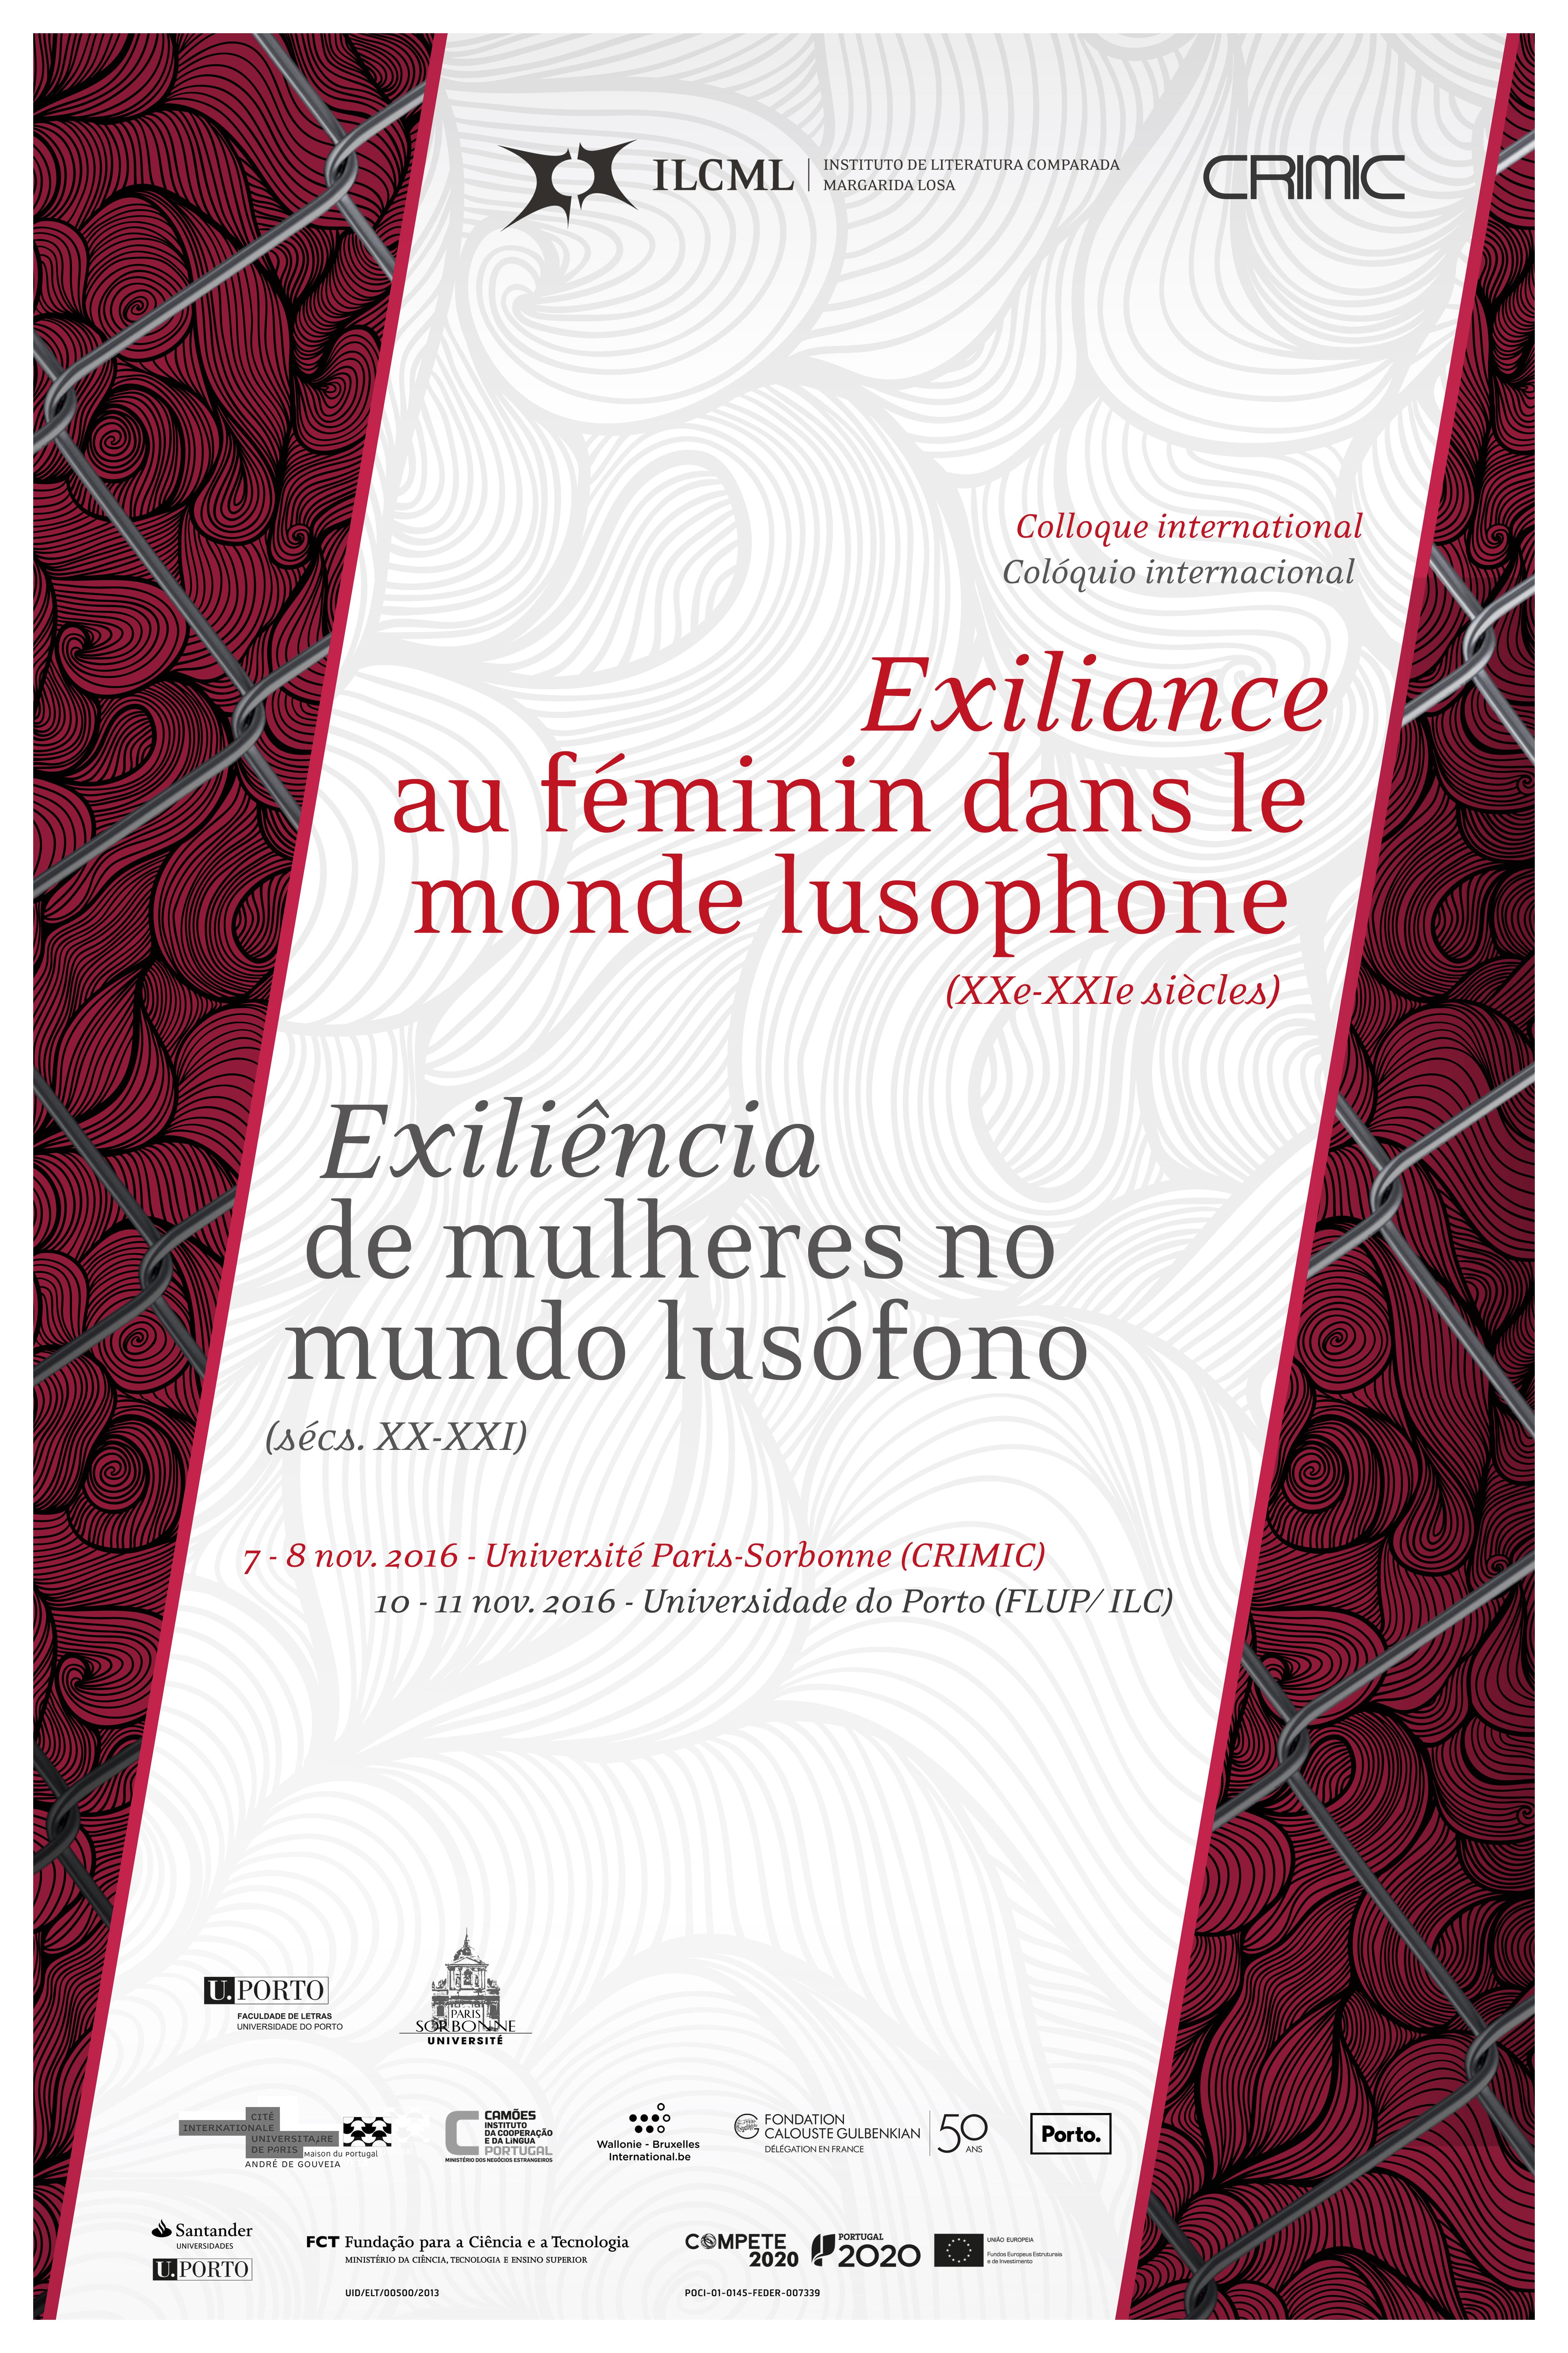 Exiliance au féminin dans le monde lusophone